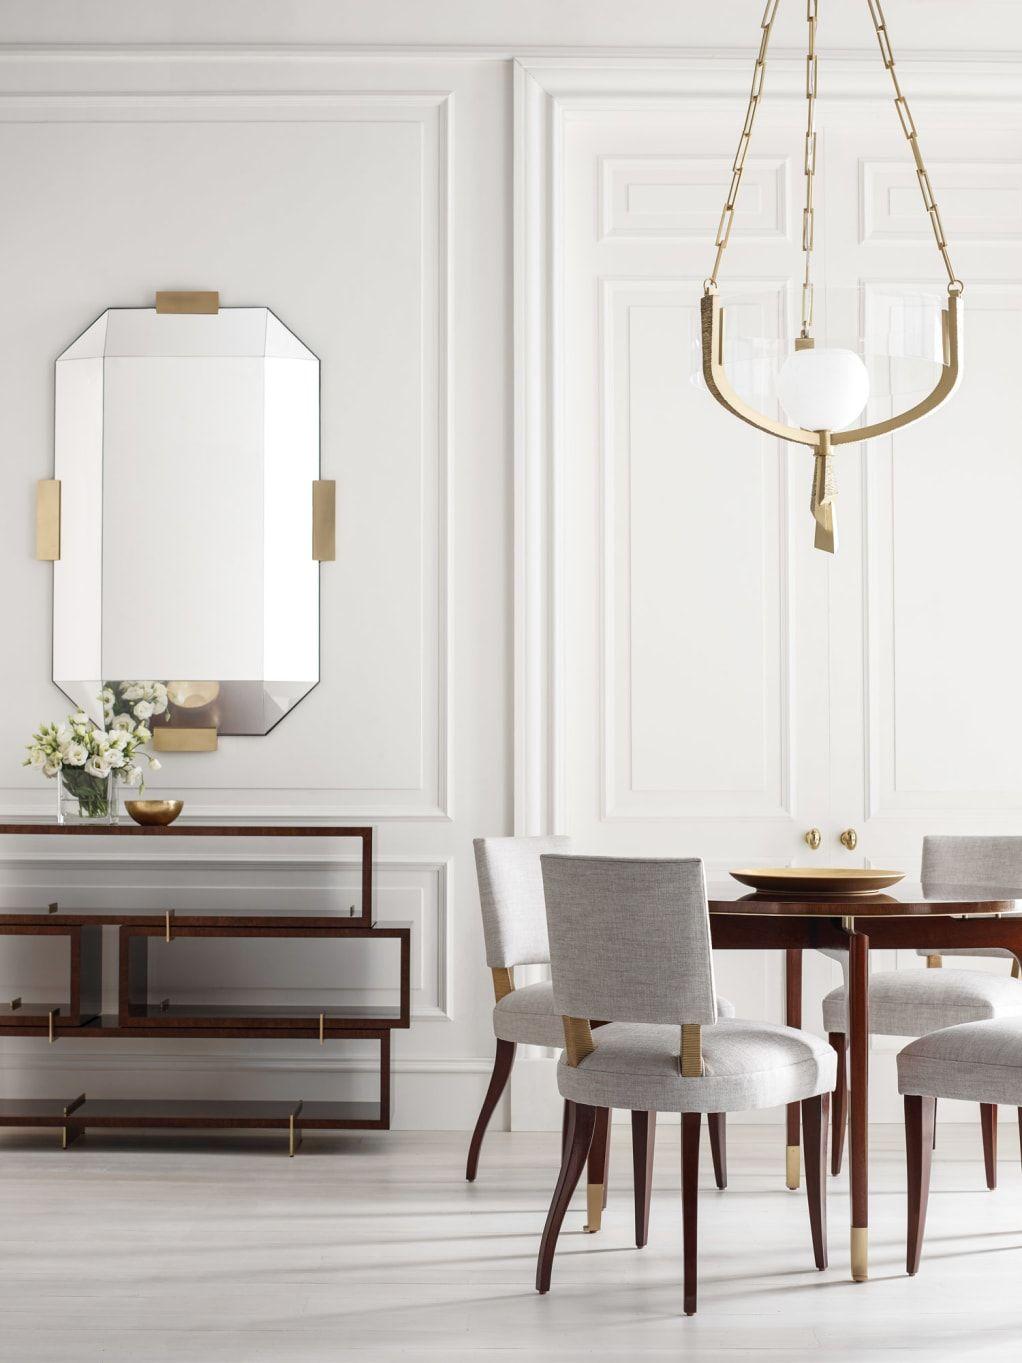 Interior Designer Thomas Pheasant Baker Furniture Interior